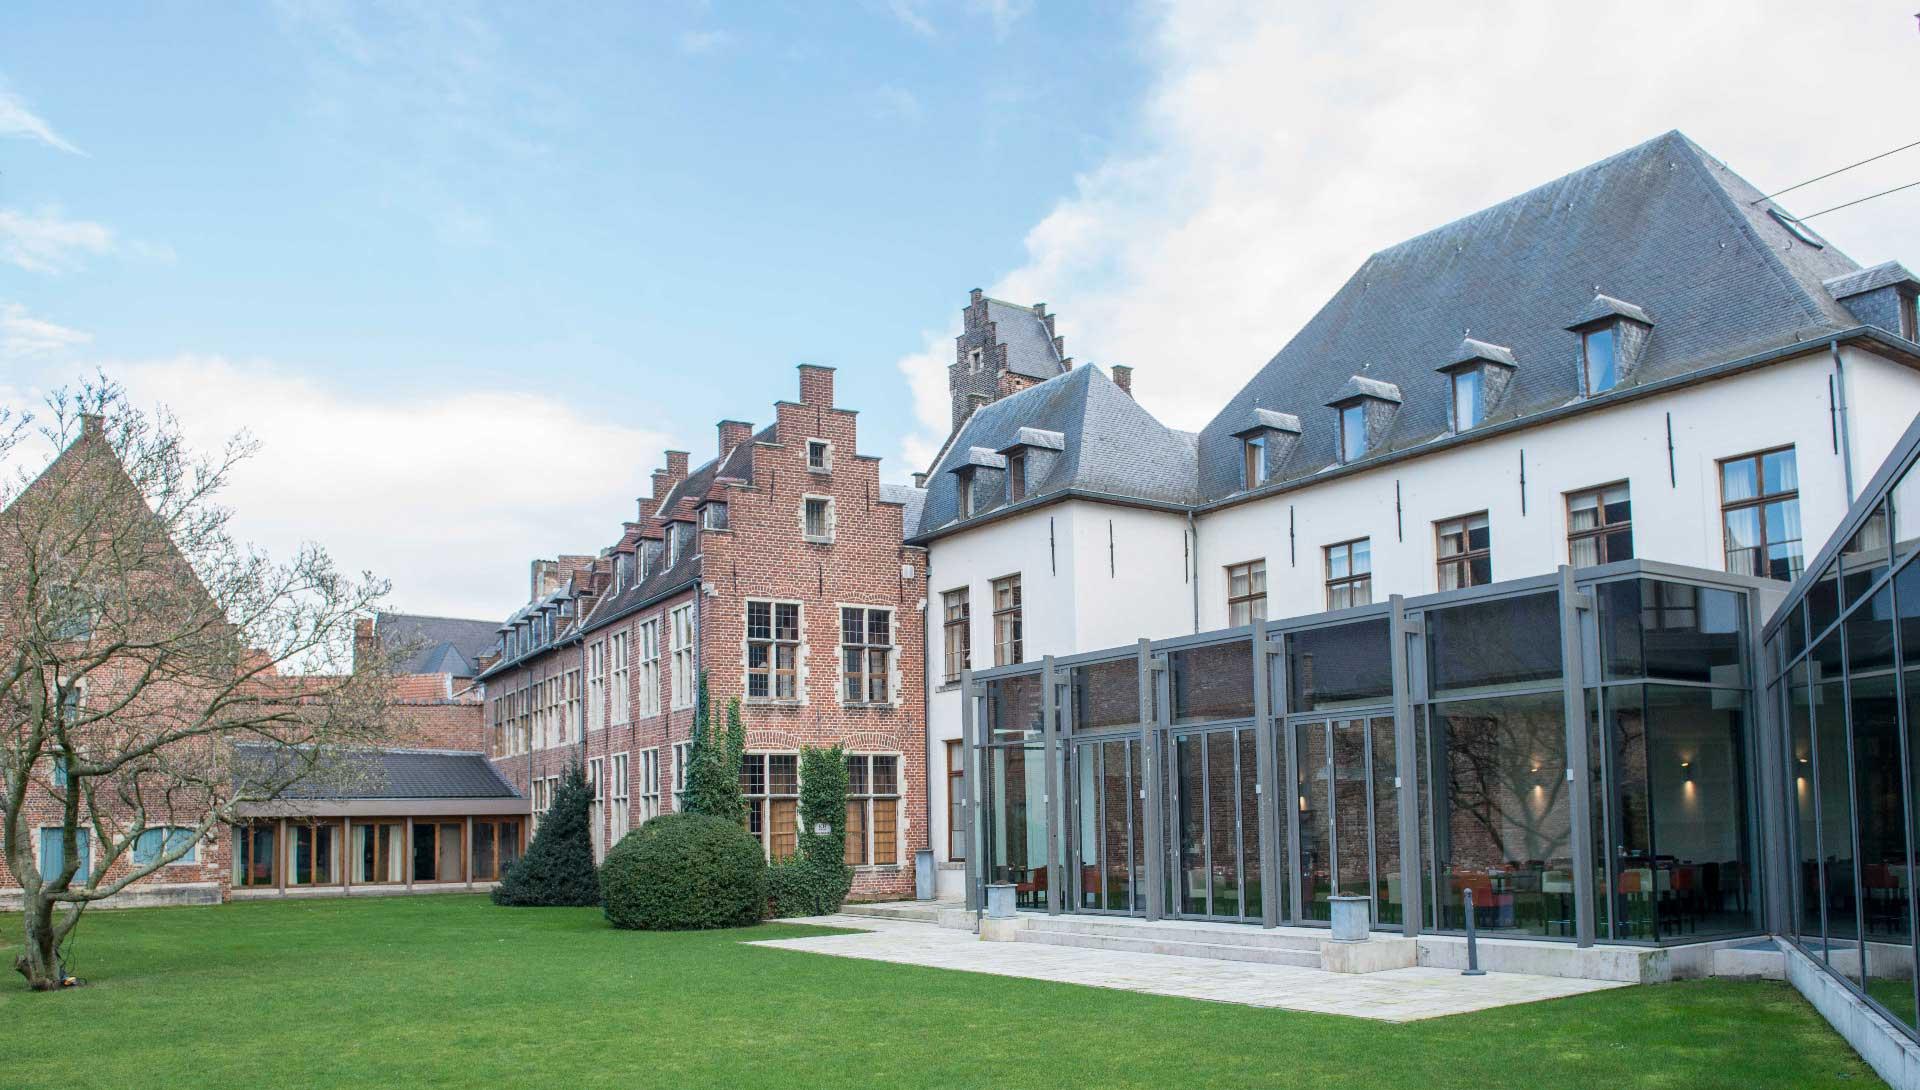 Golfexpedition-Golfreizen-België-Brussel-Klooster-Leuven-course-gebouwen-boom